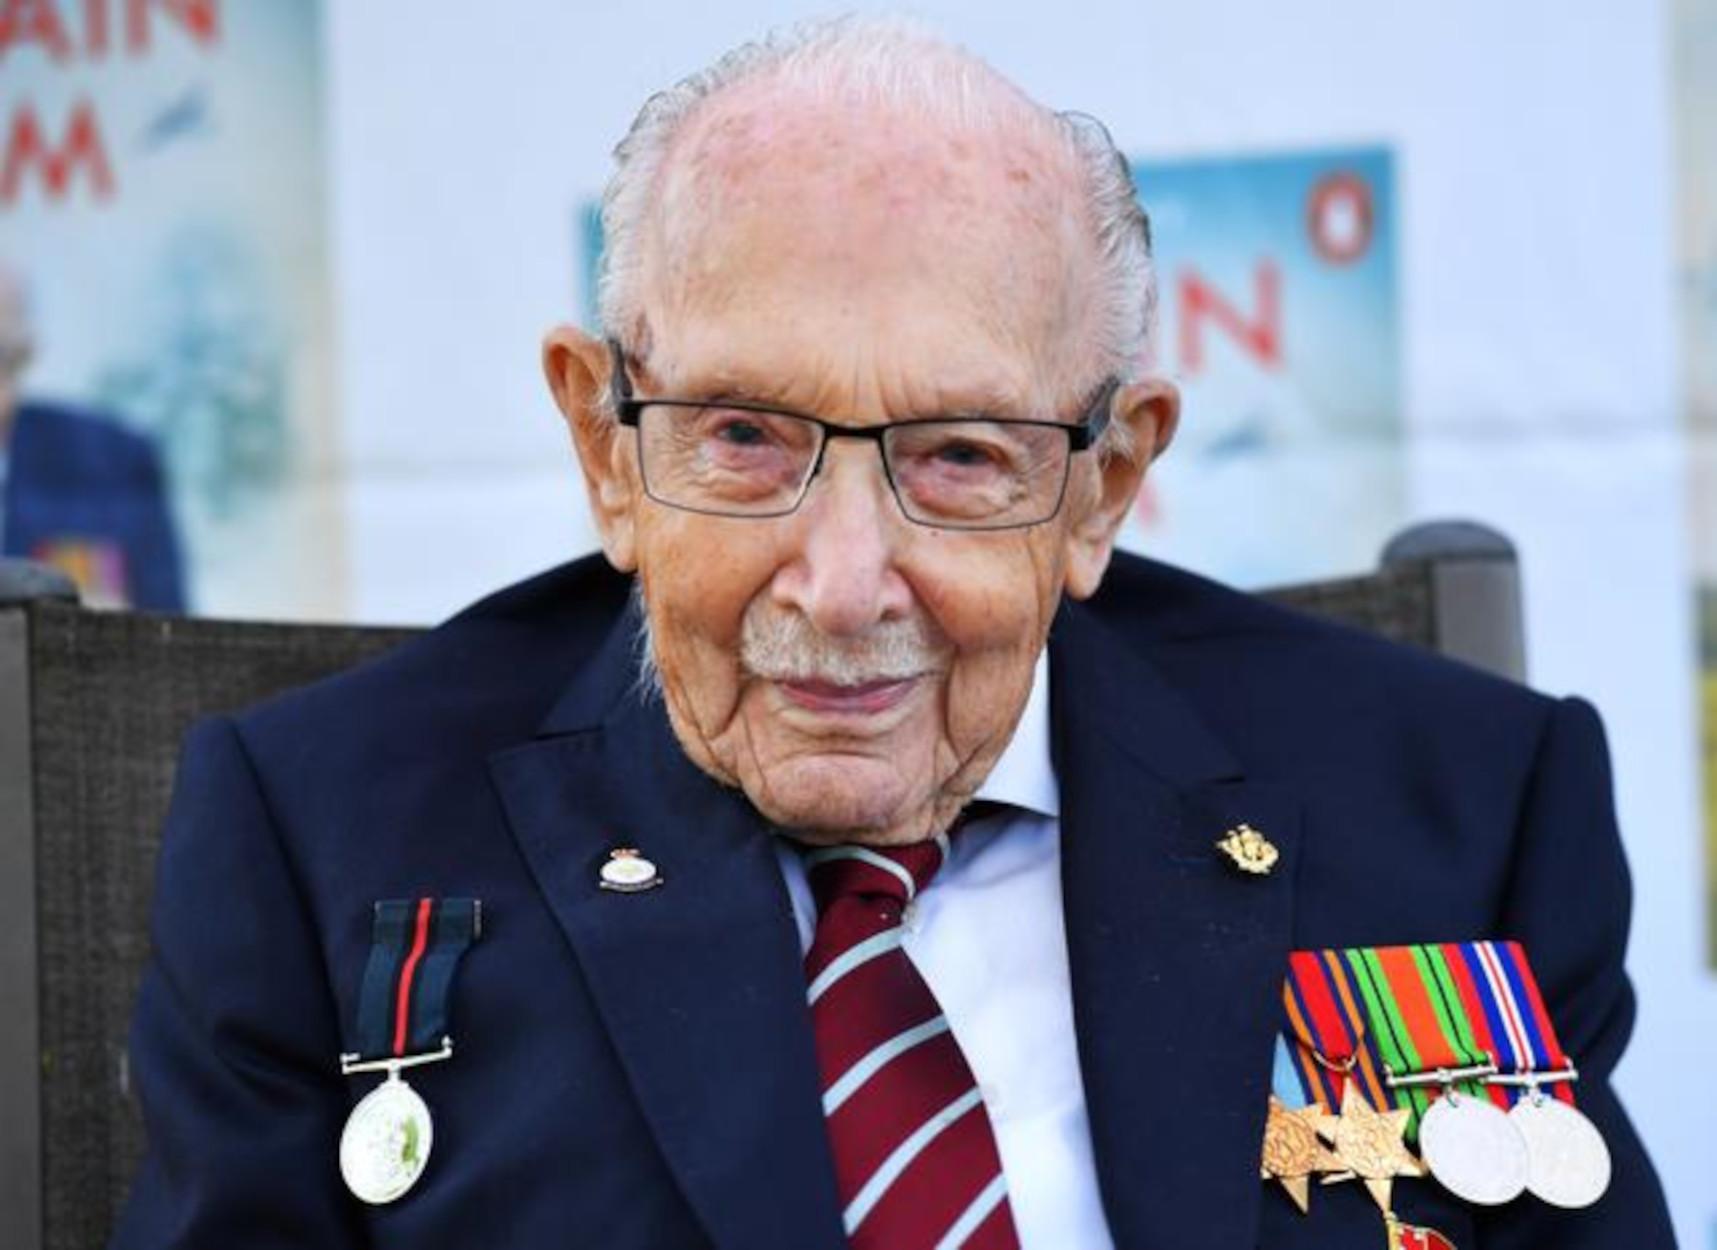 Βρετανία: Πέθανε από κορονοϊό ο 100χρονος Τομ Μουρ, που συγκίνησε με την προσφορά του στο NHS